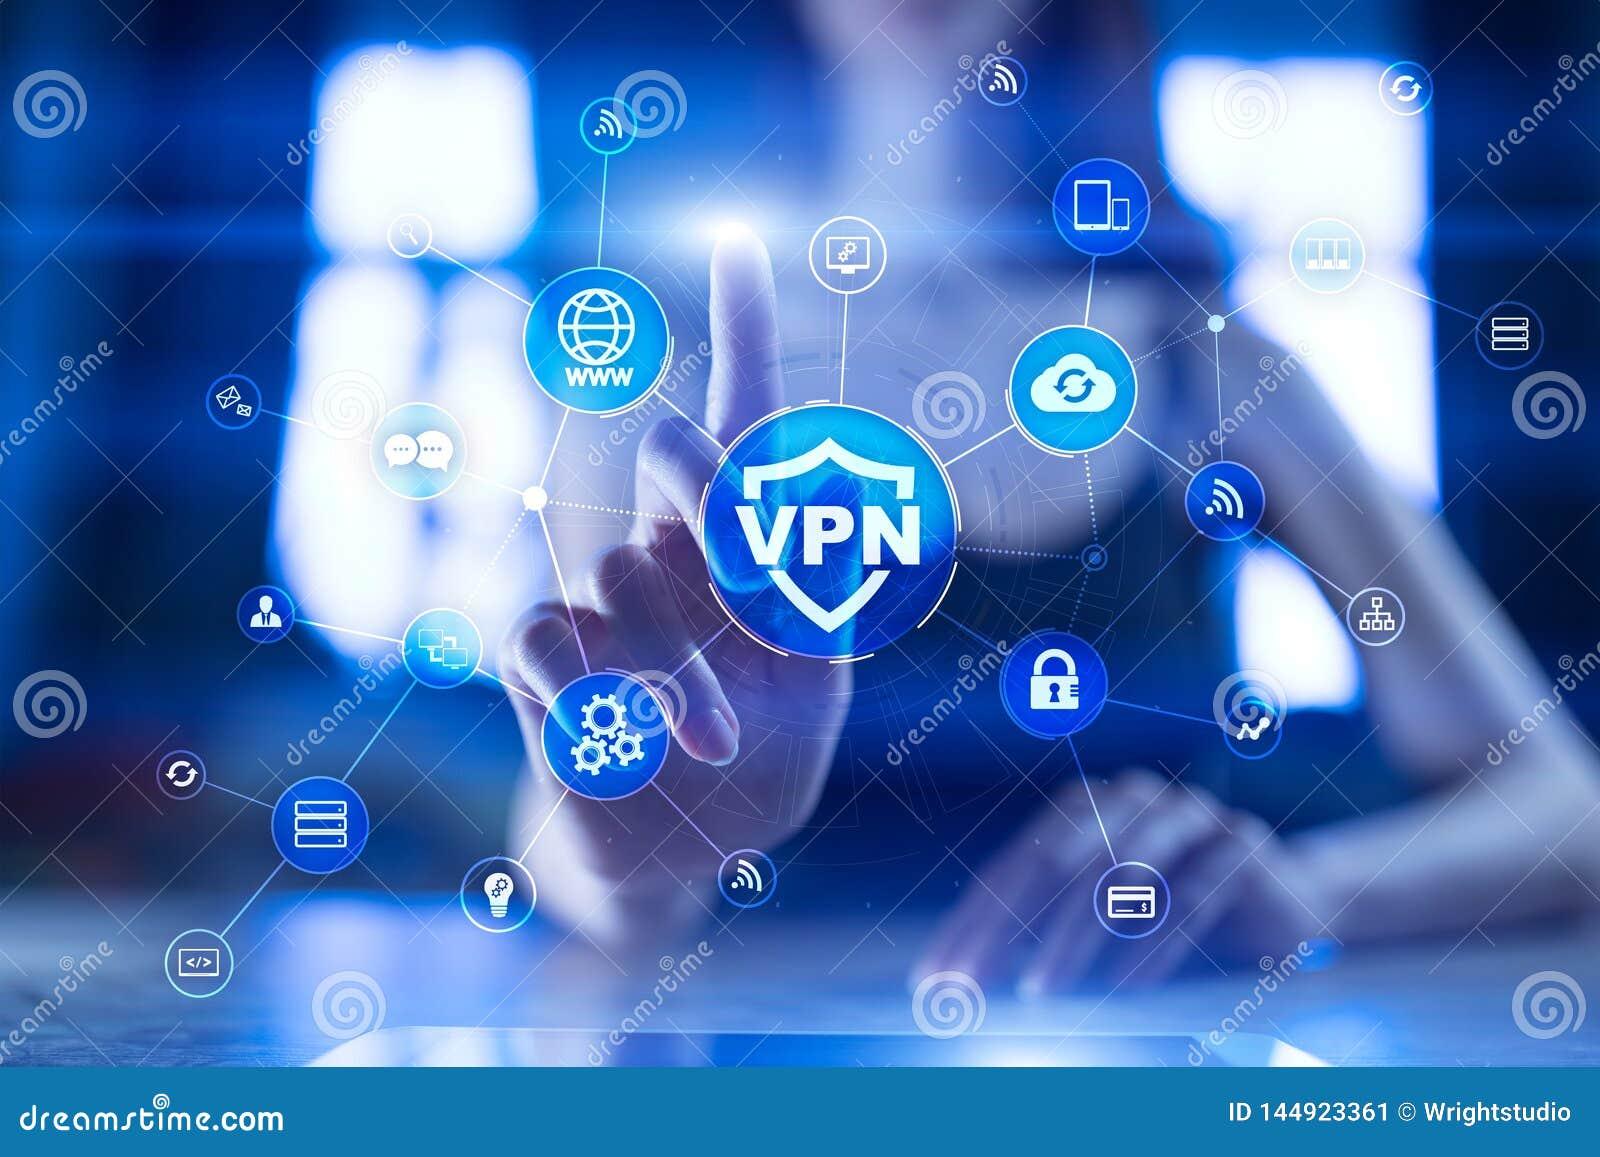 Εικονικό ιδιωτικό πρωτόκολλο δικτύων VPN Ασφάλεια Cyber και τεχνολογία σύνδεσης μυστικότητας Ανώνυμο Διαδίκτυο